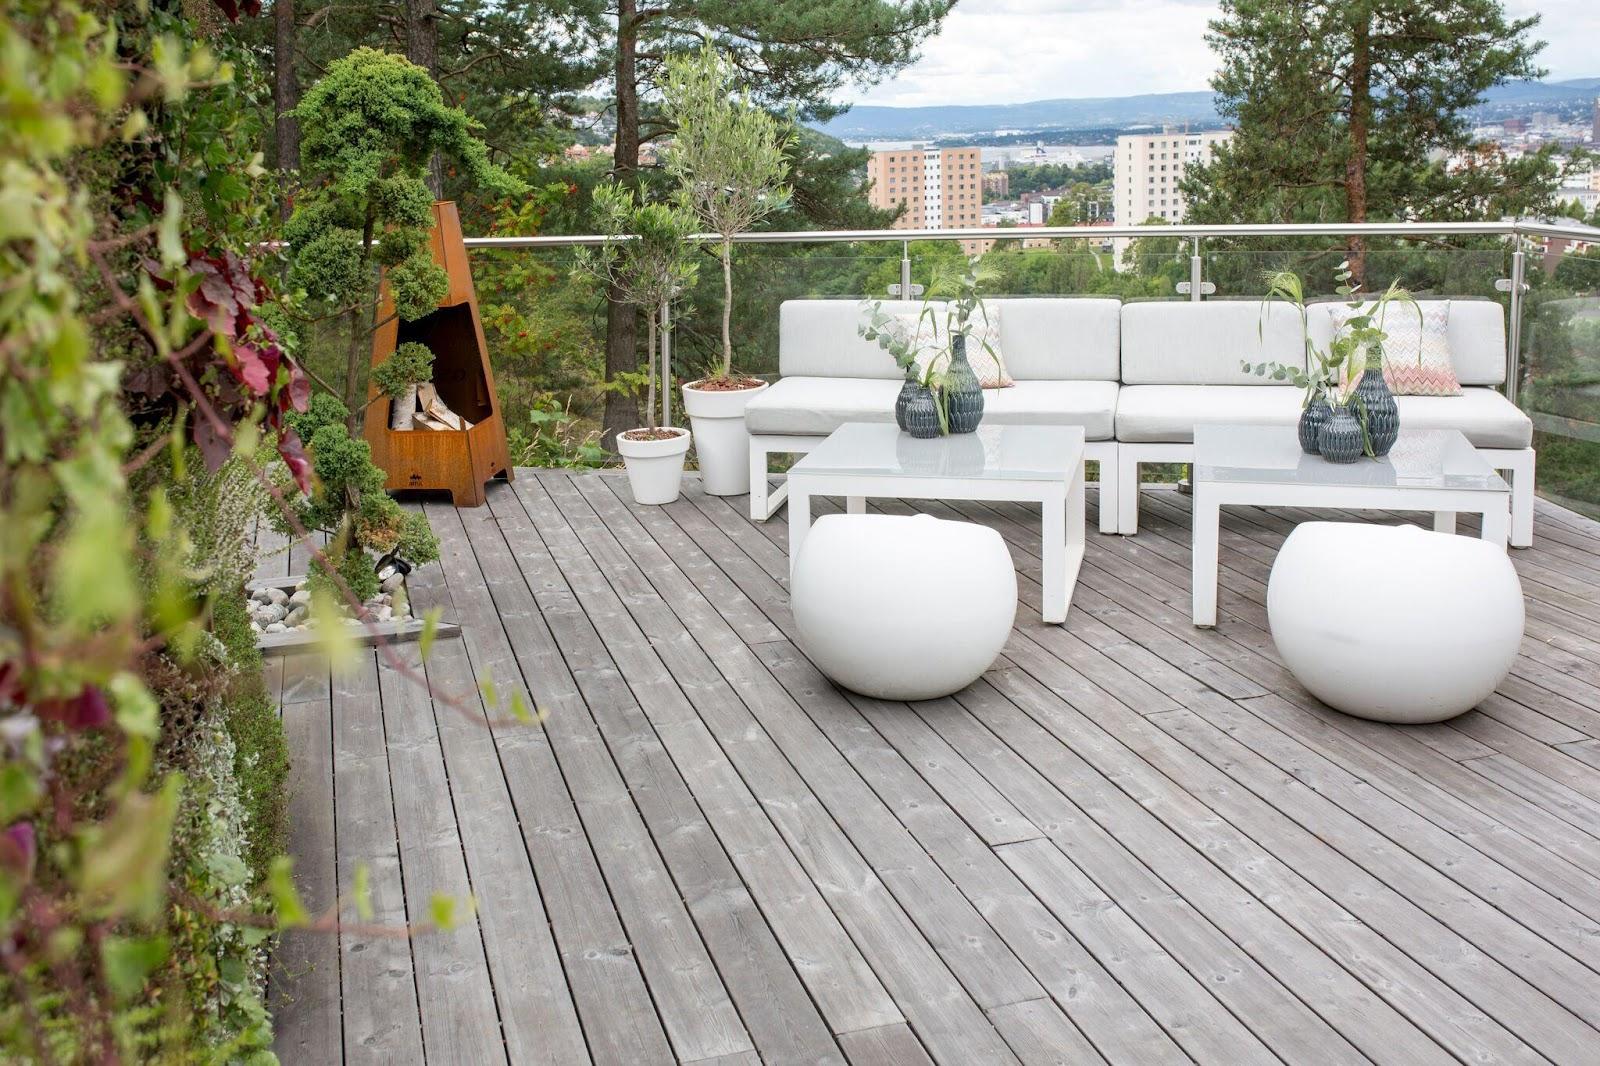 Créez la terrasse de vos rêves : le design de la terrasse de cette villa est relativement simple, mais sa balustrade en verre lui donne une touche de modernité.